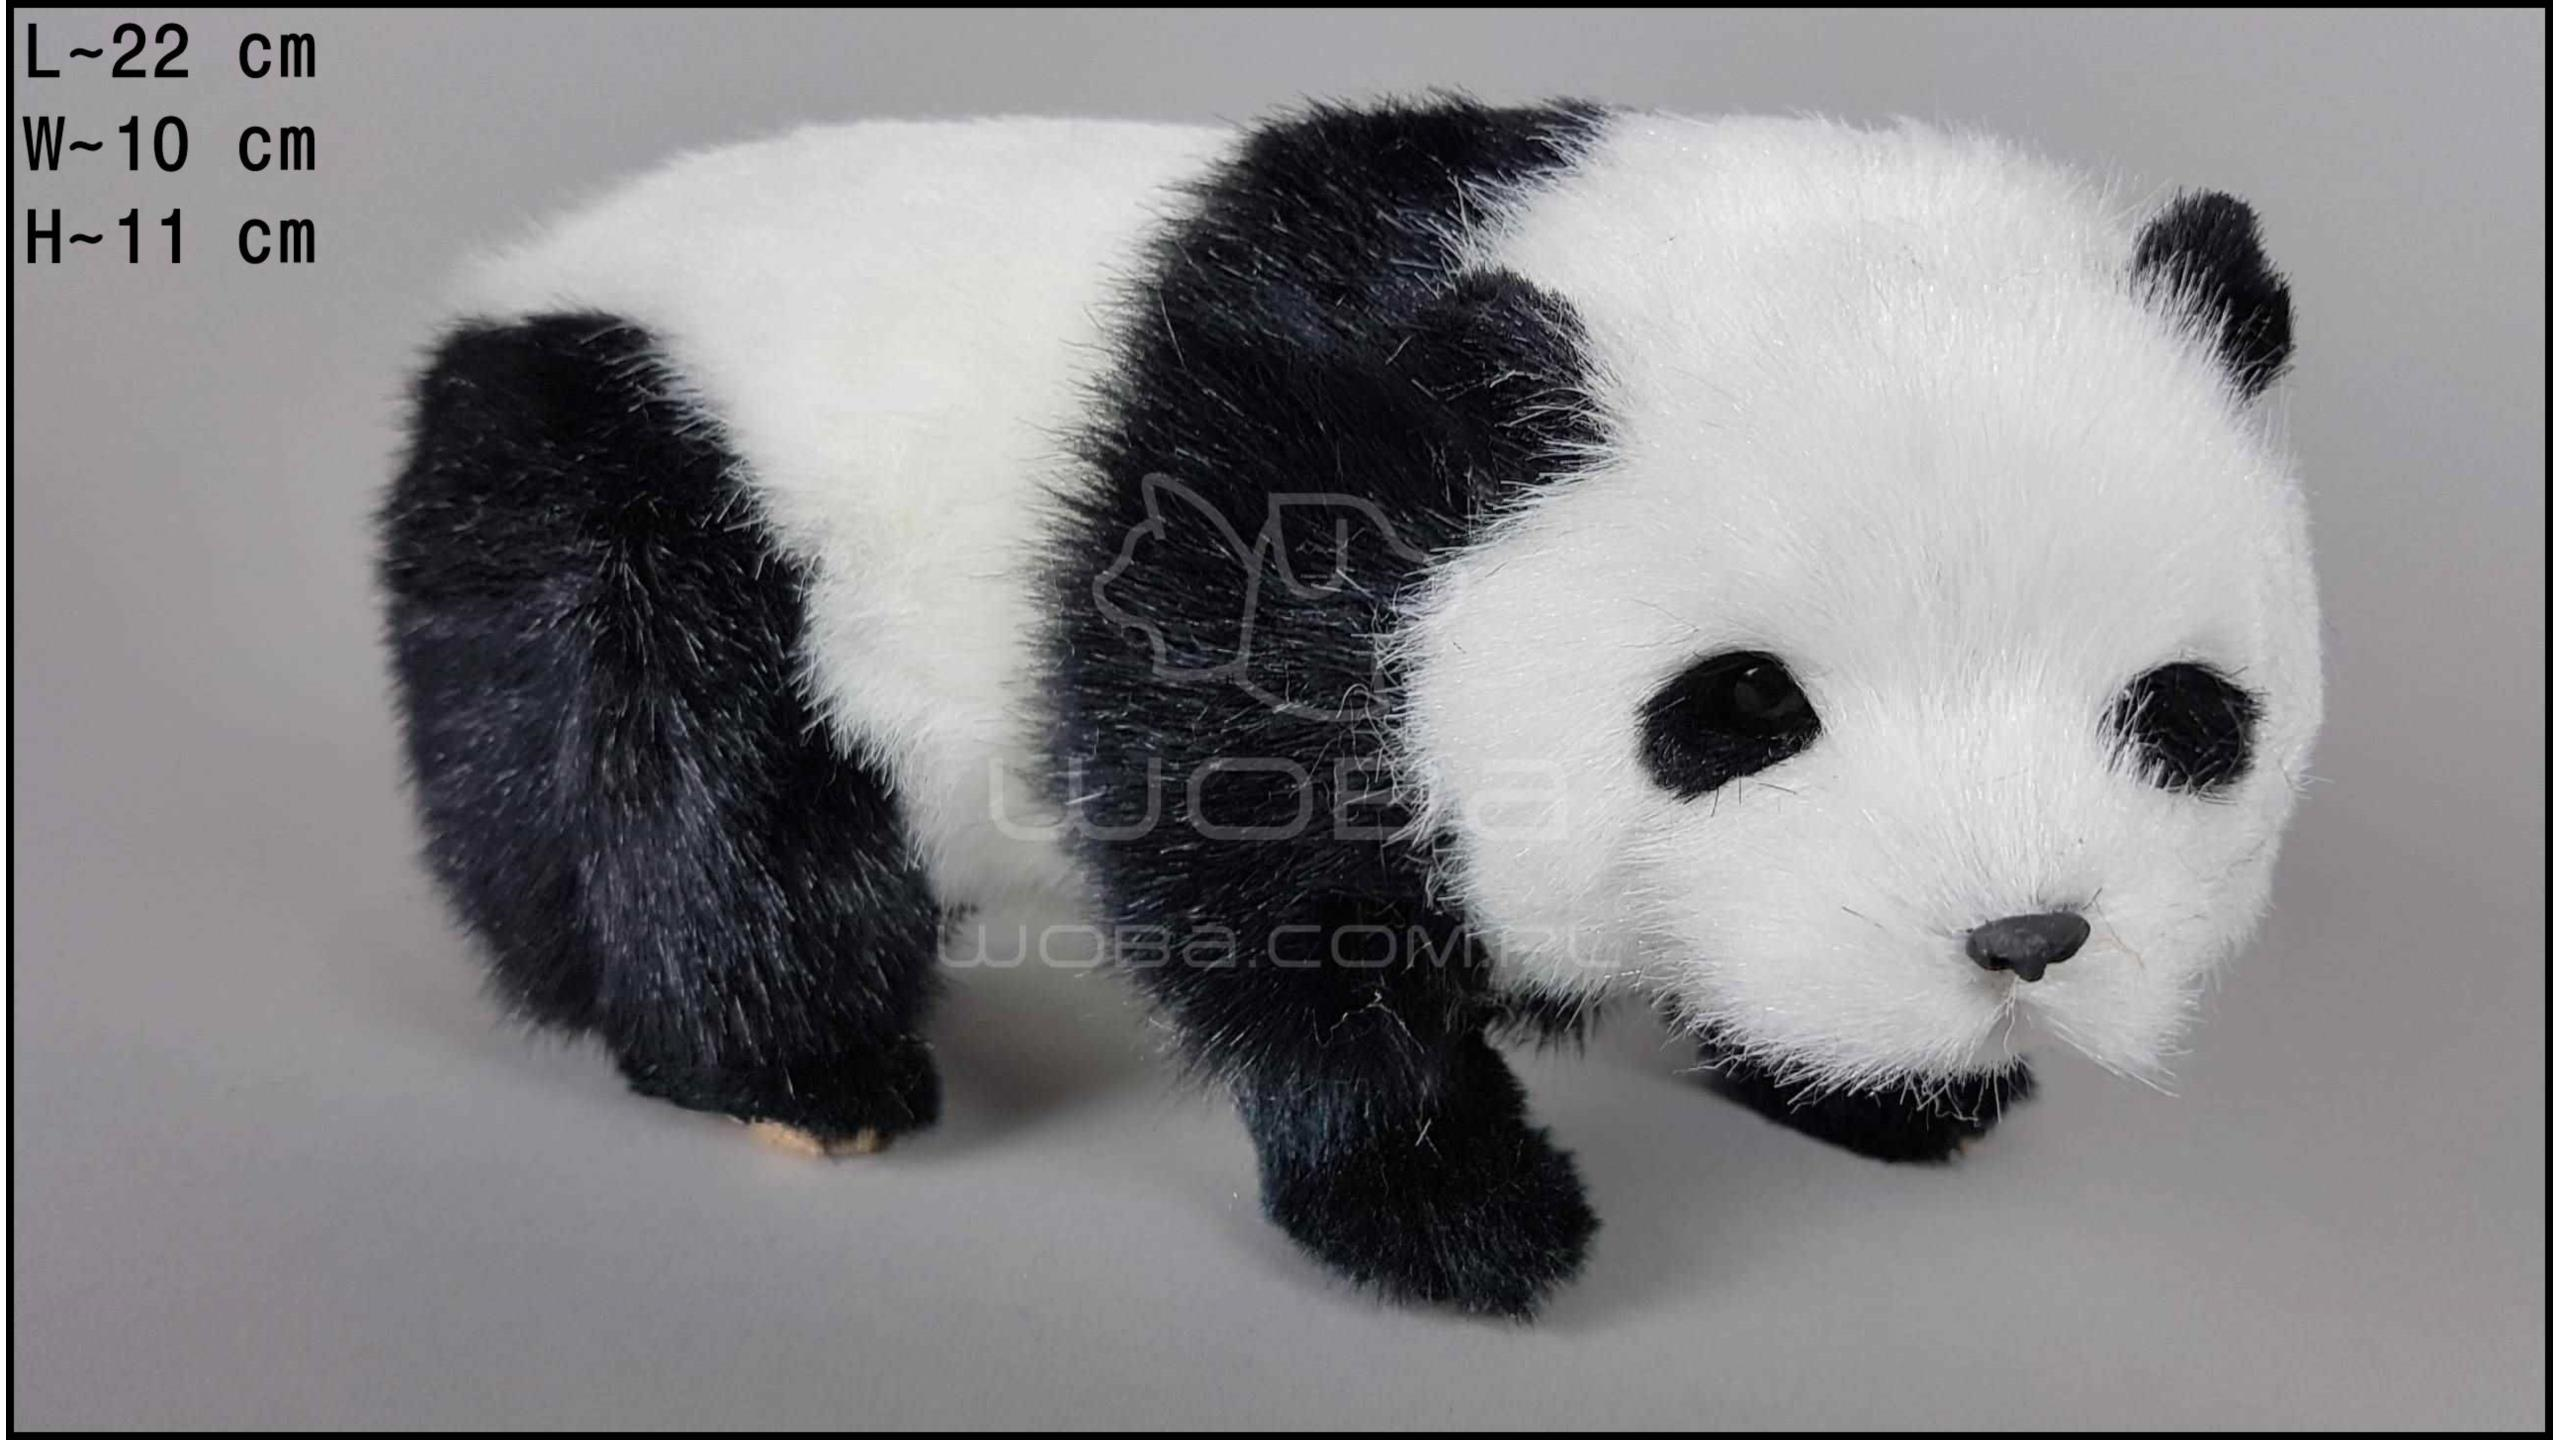 Panda - Standing